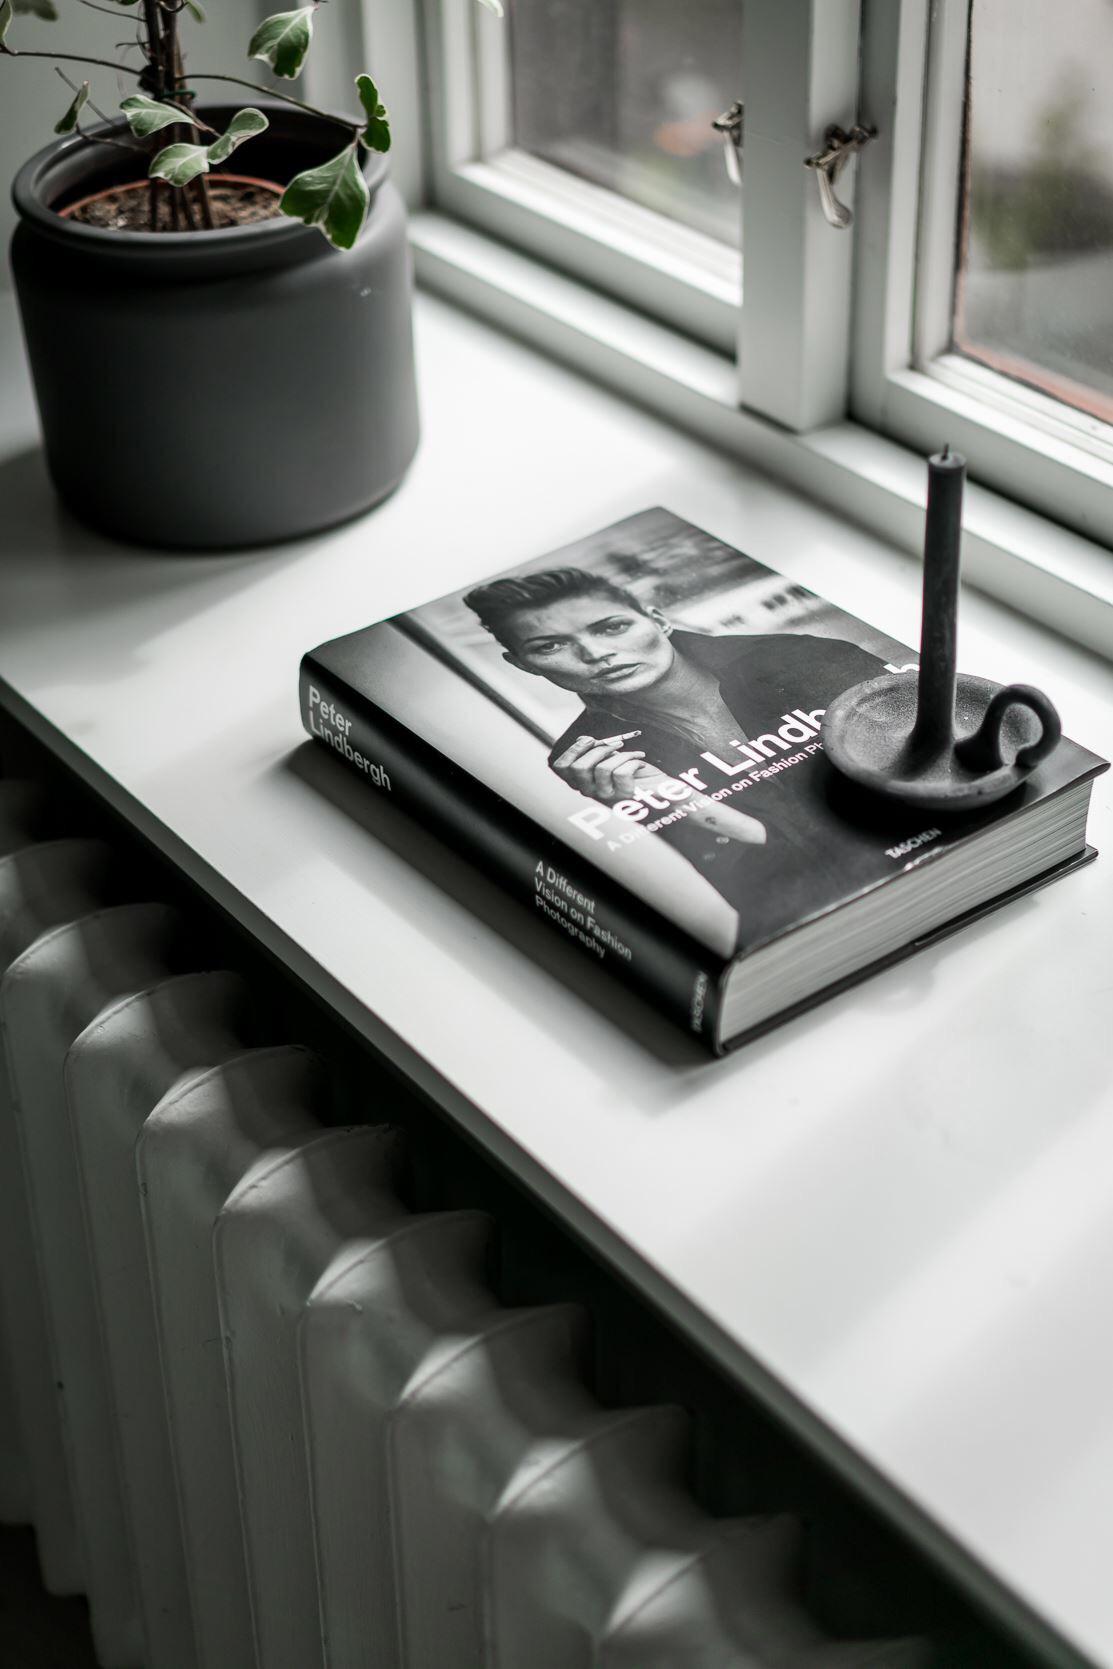 окно подоконник радиатор отопления